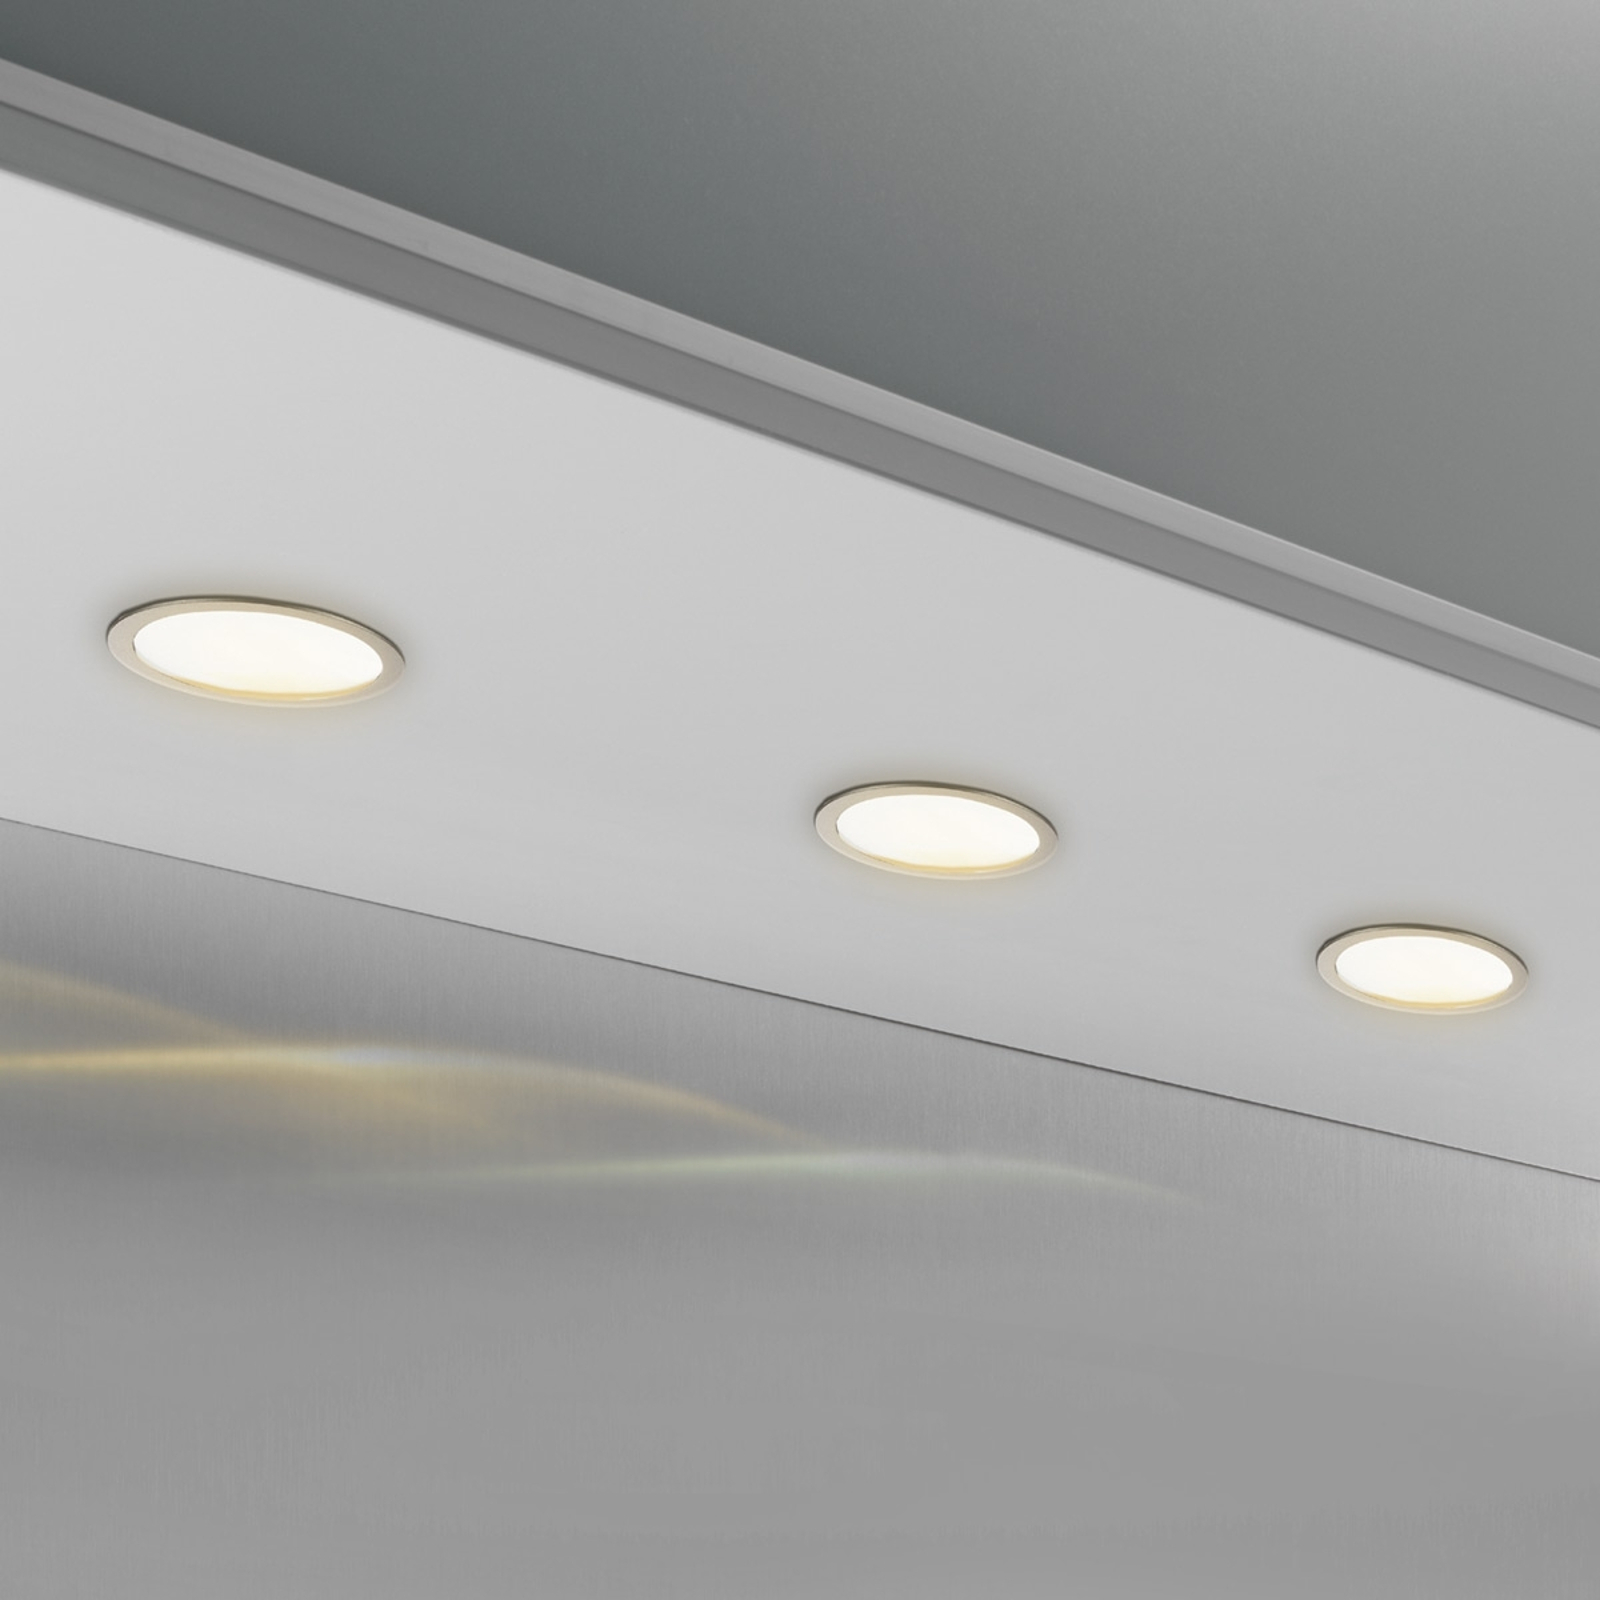 Spot pour meuble rond CUBIC 68 3500 K nickel